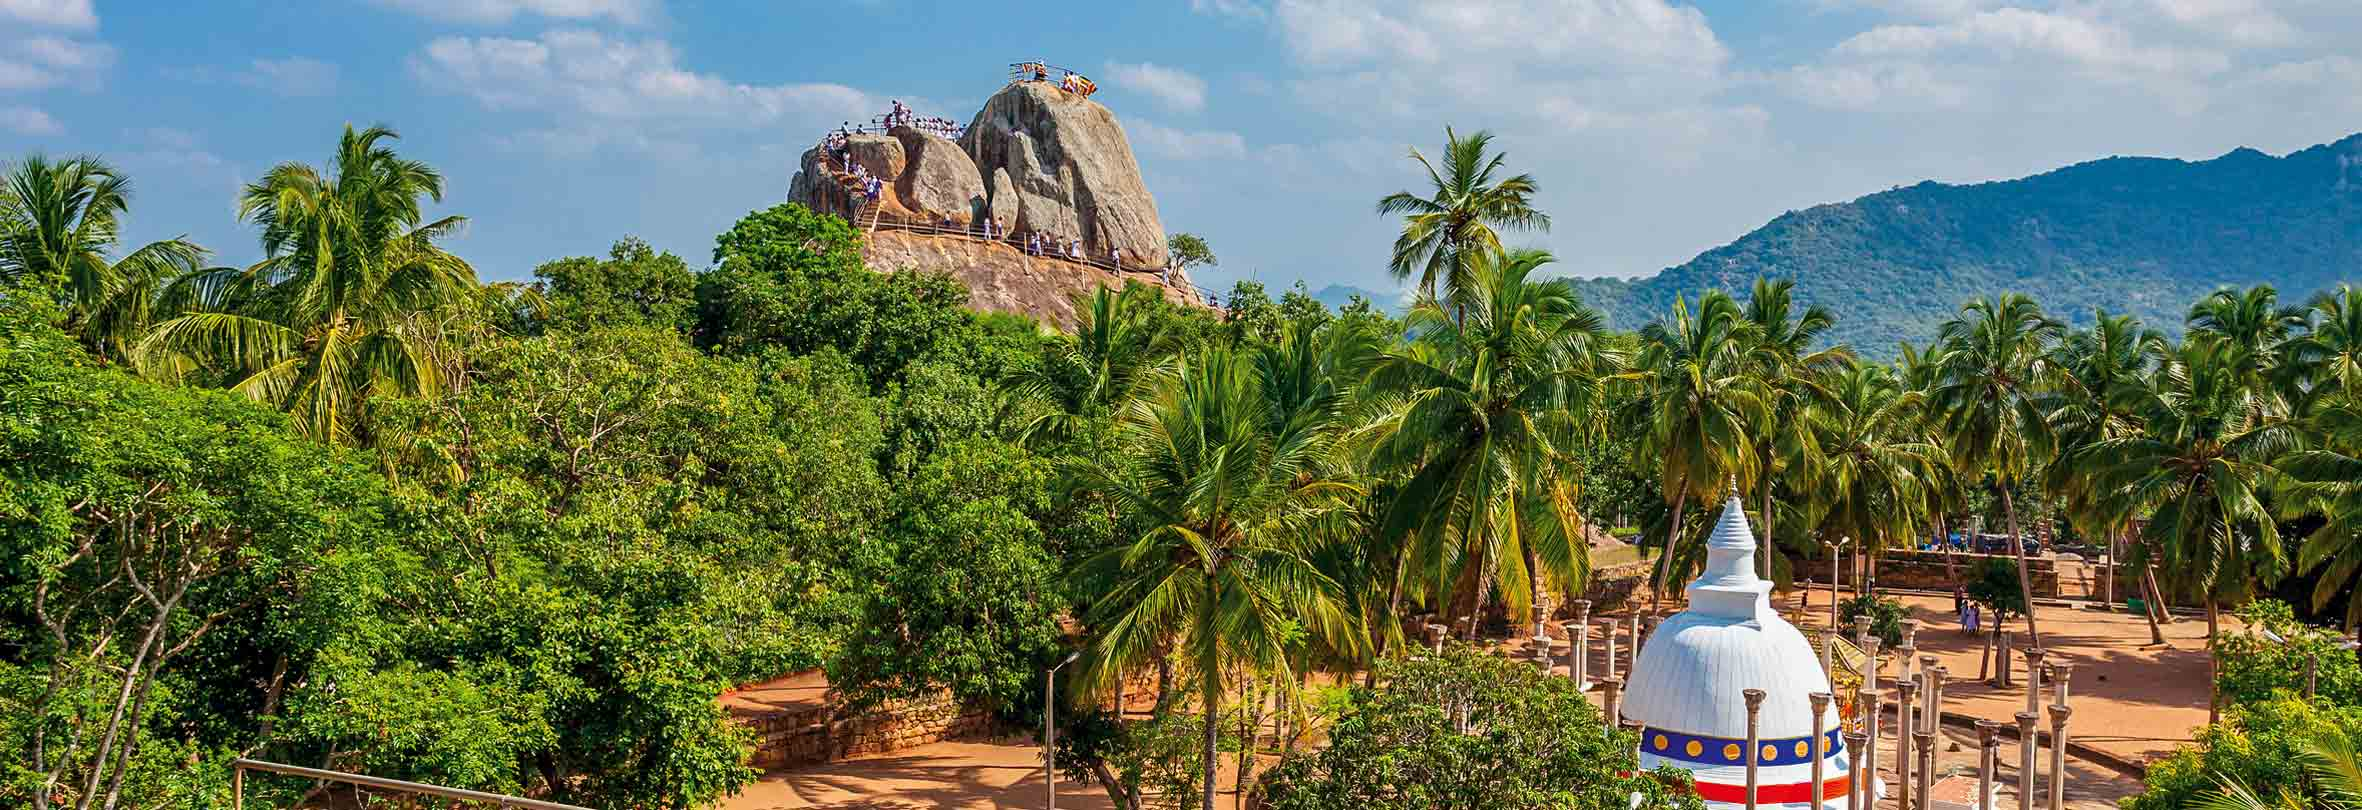 Mihintale – Geburtsstätte des Buddhismus auf Sri Lanka